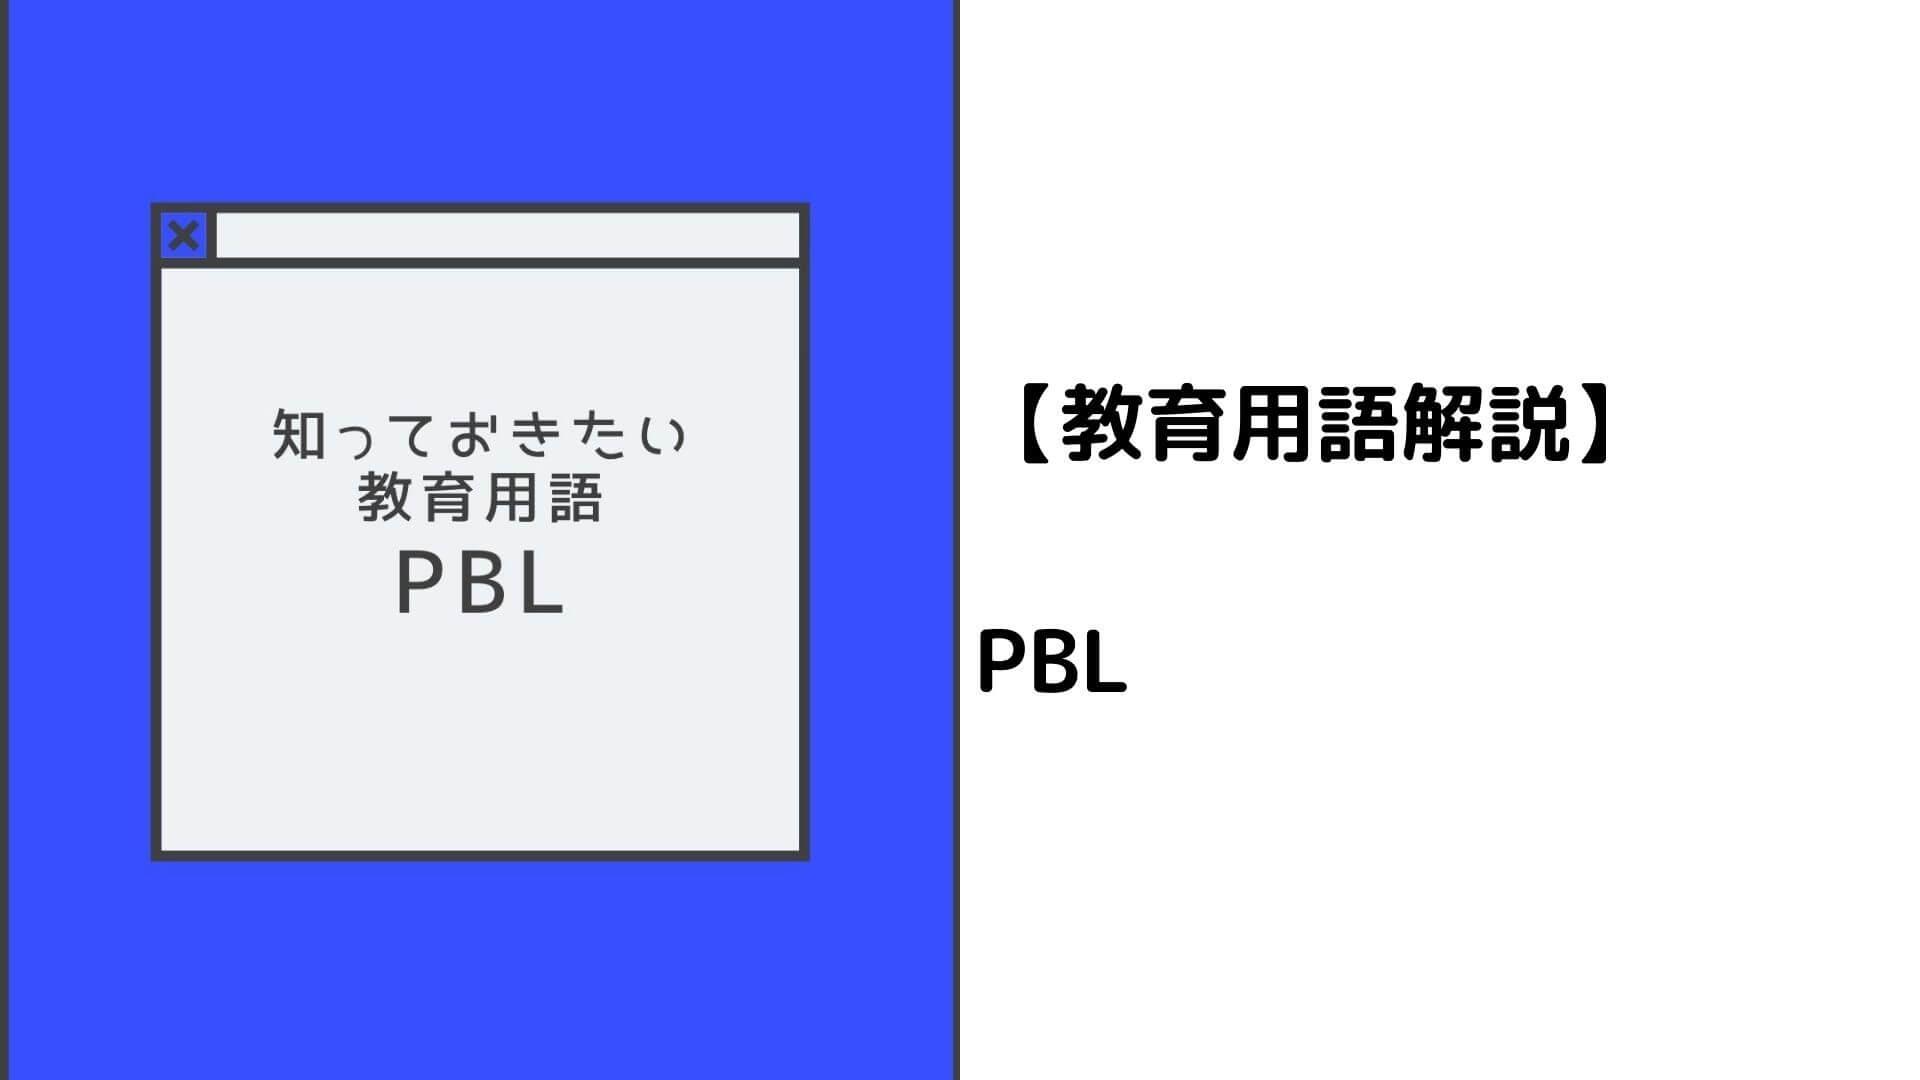 知っておきたい教育用語:PBL